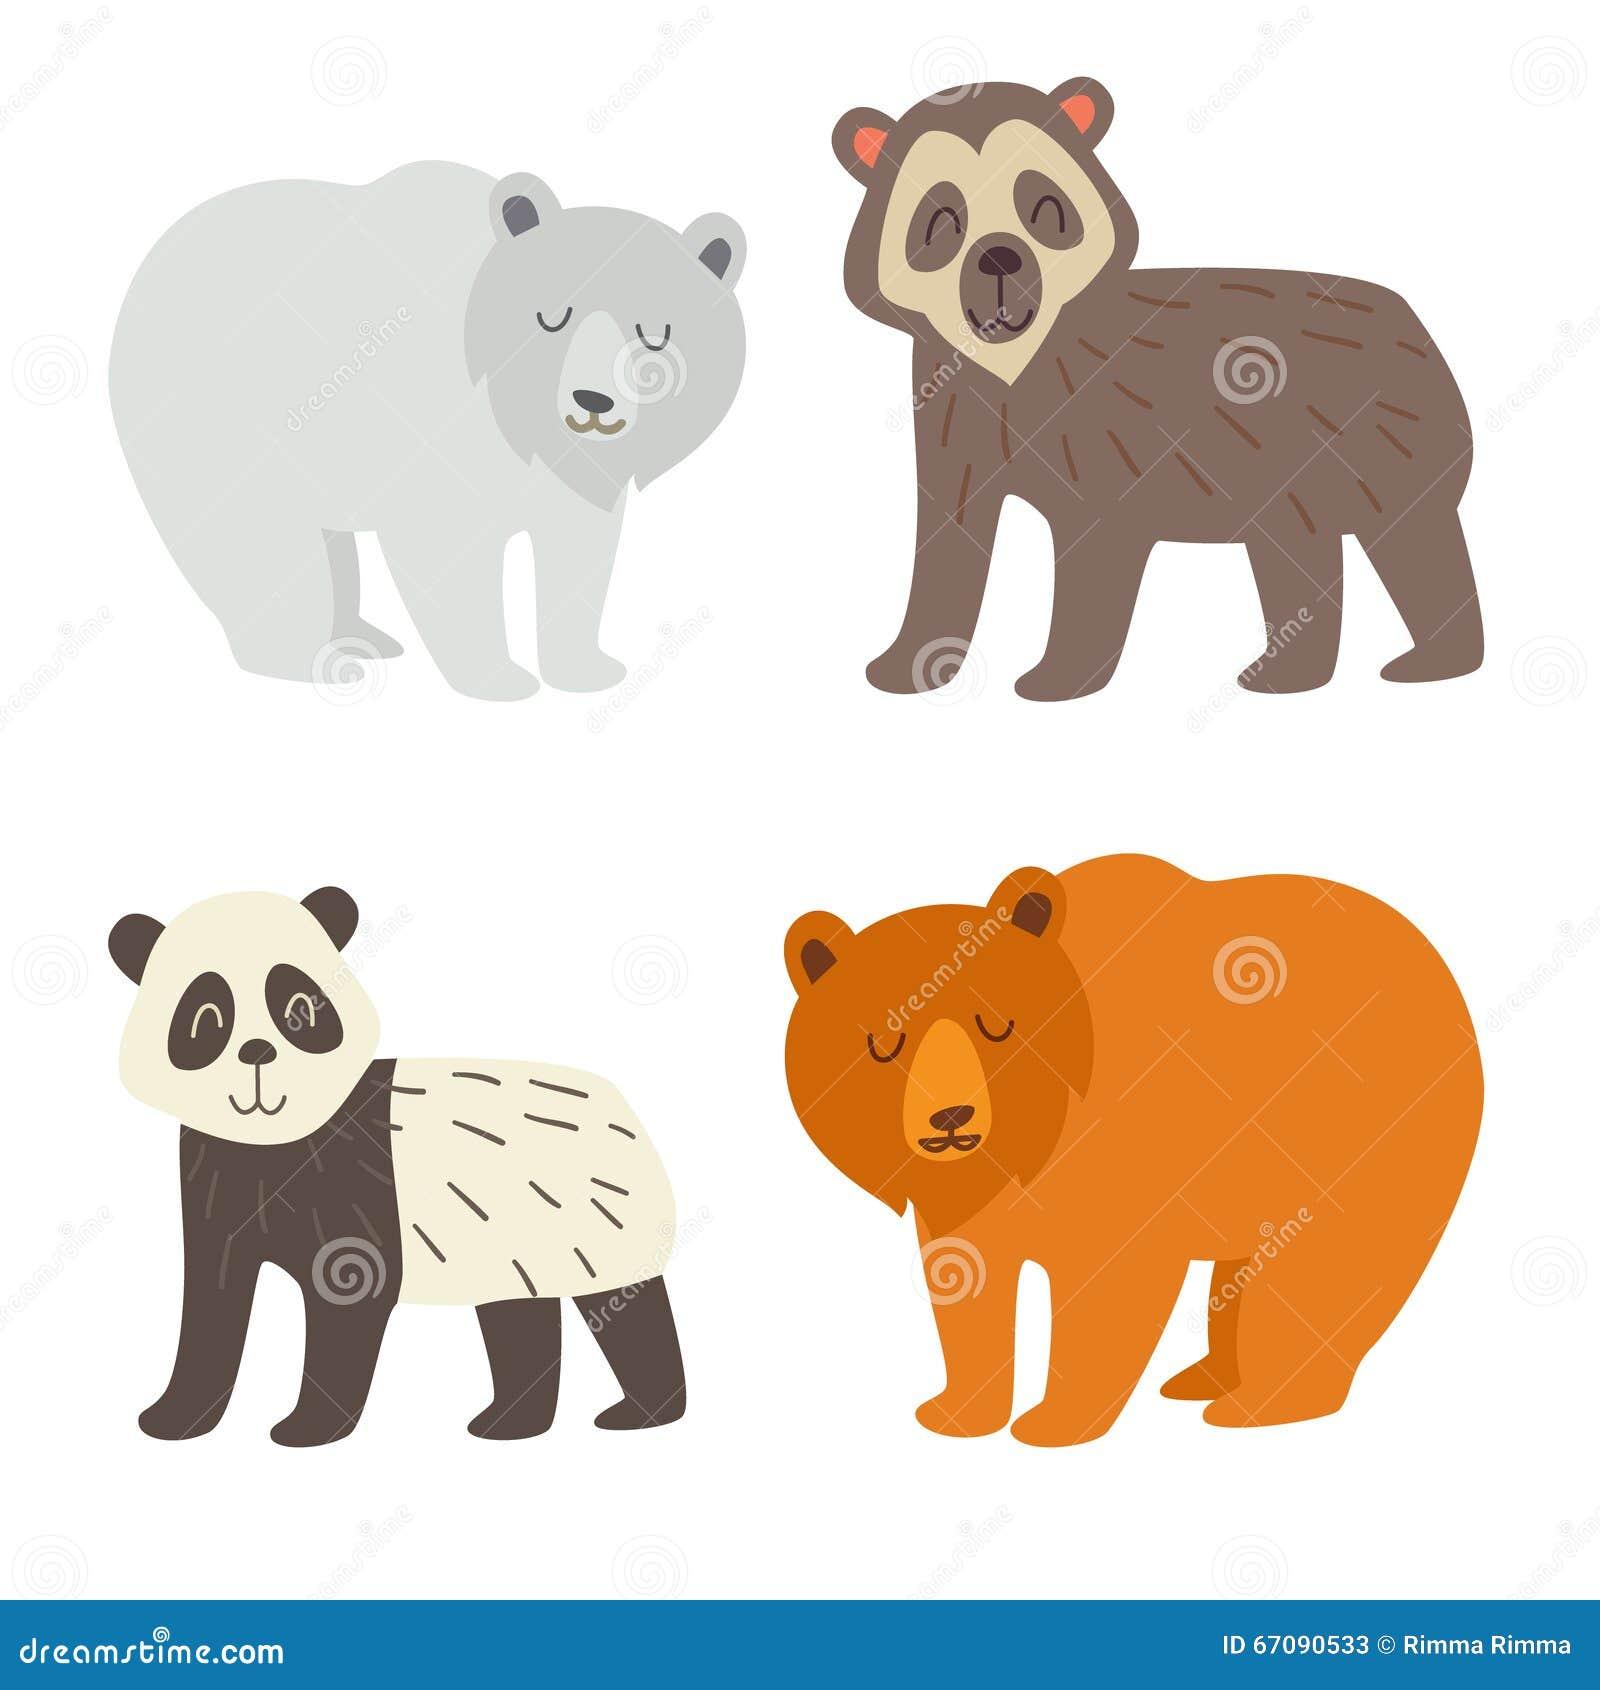 7d865d9e16ae7 Urso polar grupo de óculos do urso da panda e do urso marrom ilustração  lisa do